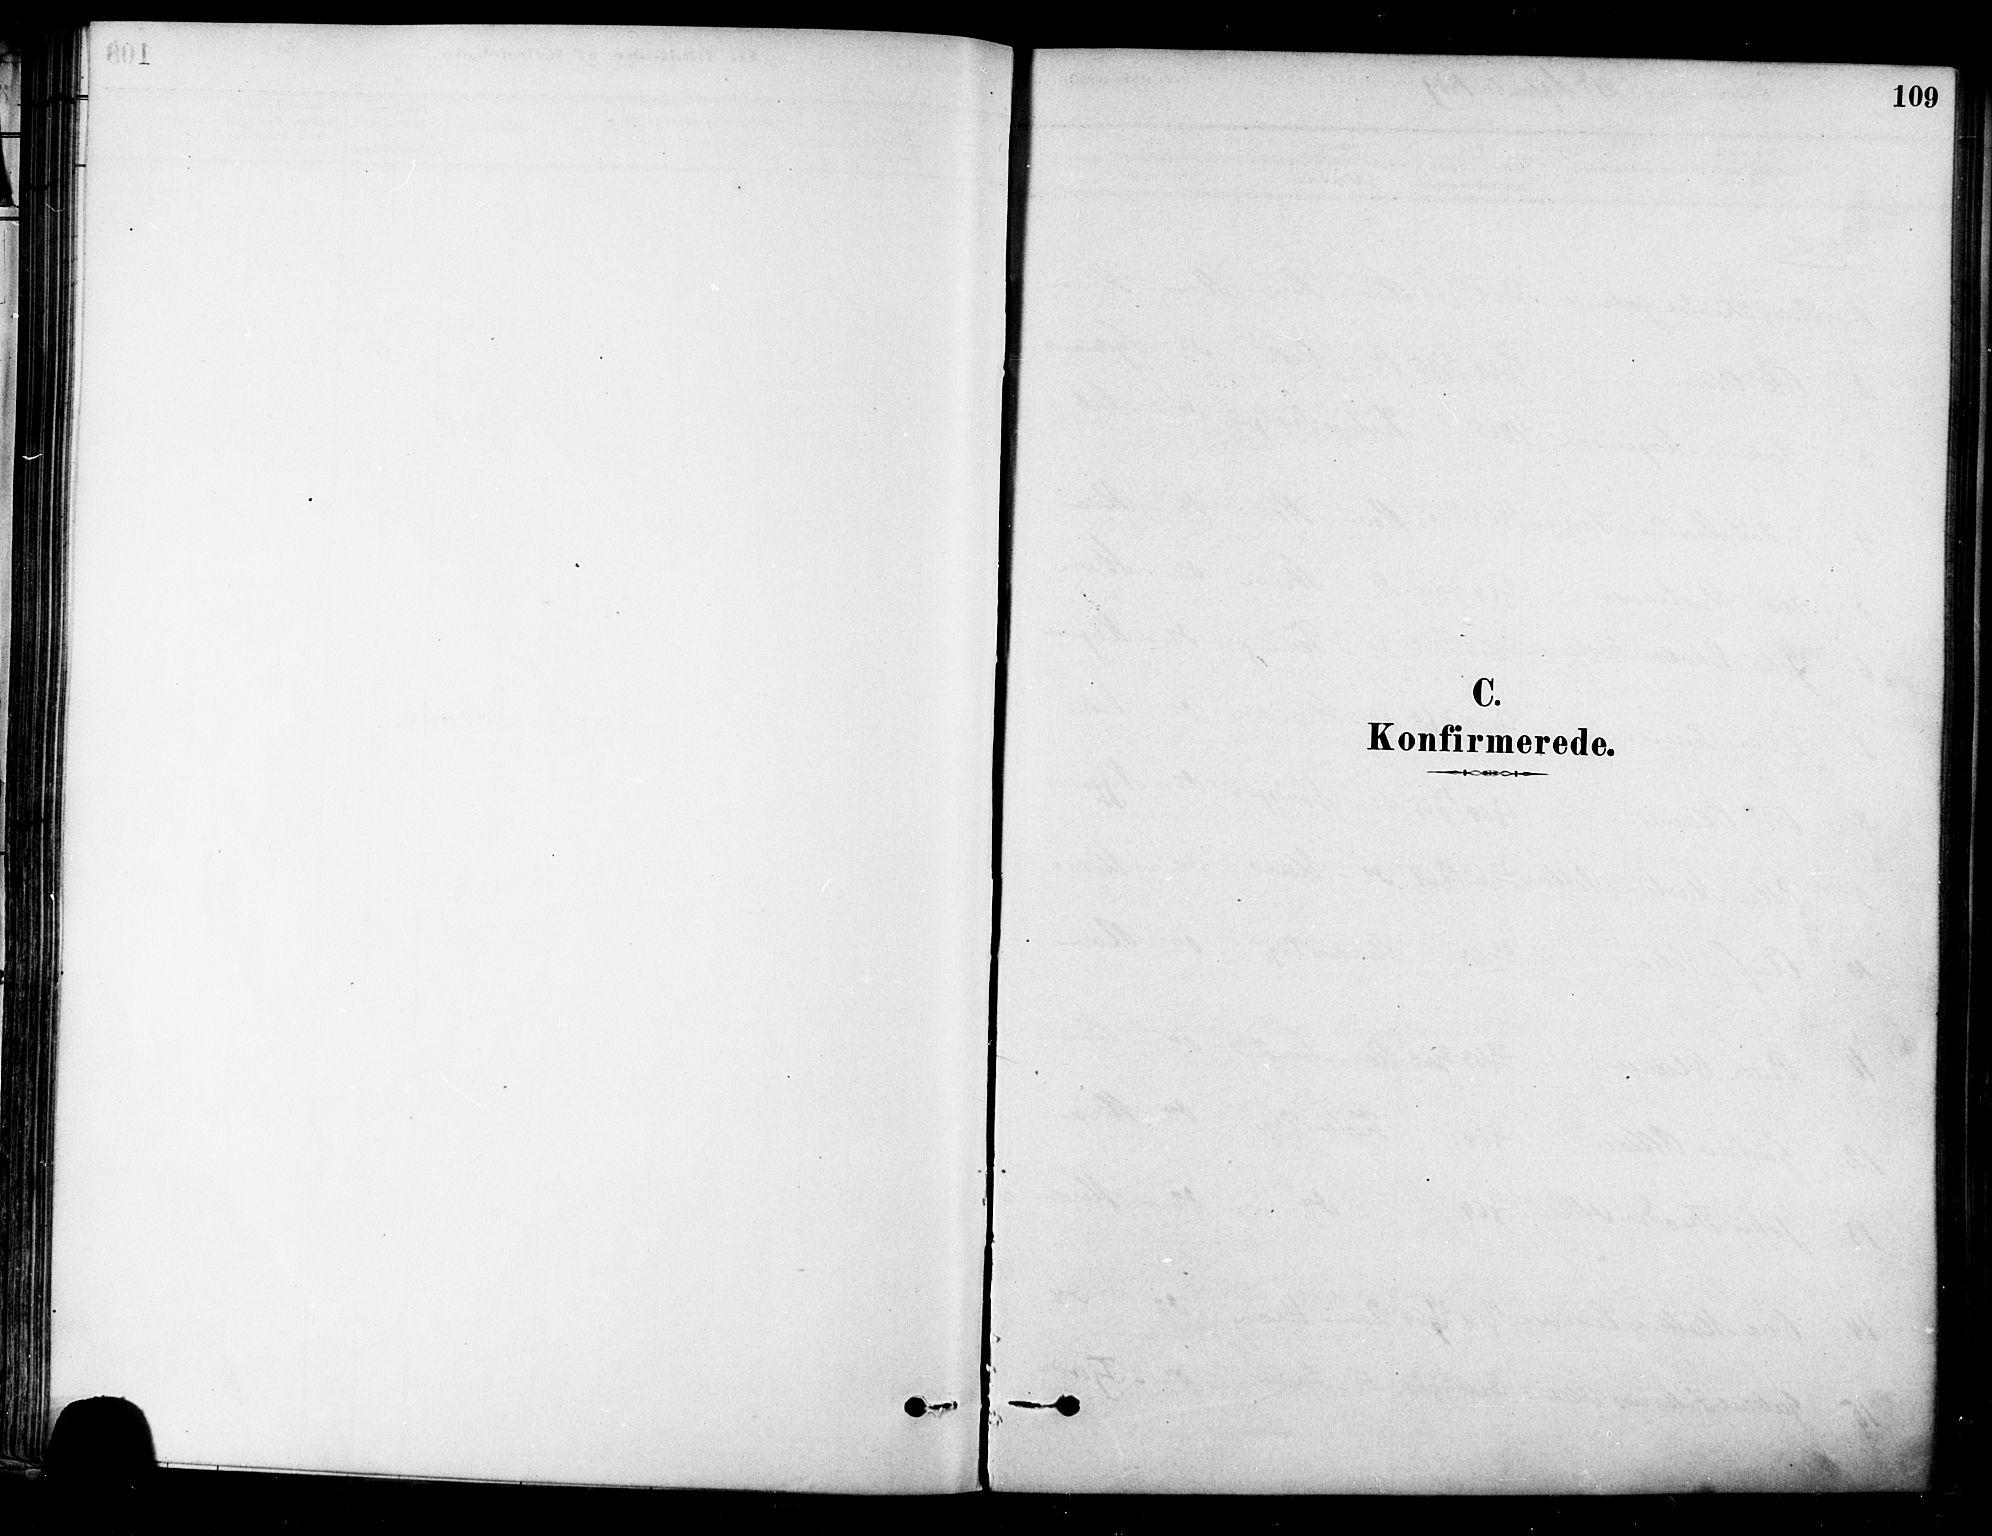 SAT, Ministerialprotokoller, klokkerbøker og fødselsregistre - Sør-Trøndelag, 657/L0707: Ministerialbok nr. 657A08, 1879-1893, s. 109